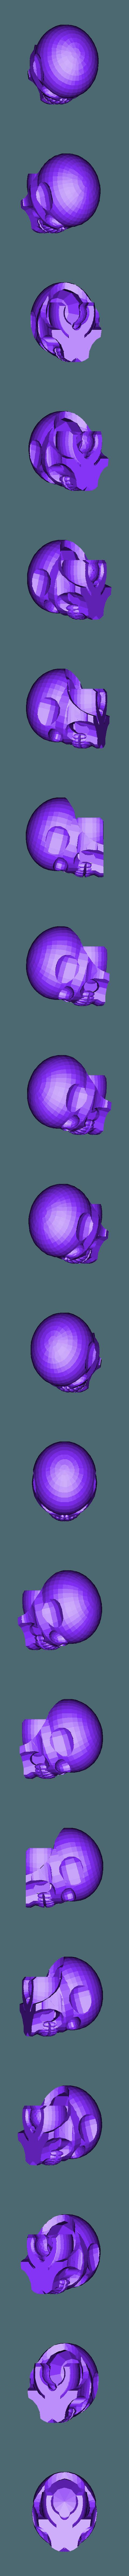 craneo.stl Télécharger fichier STL gratuit ossature • Design imprimable en 3D, brayanrosas94